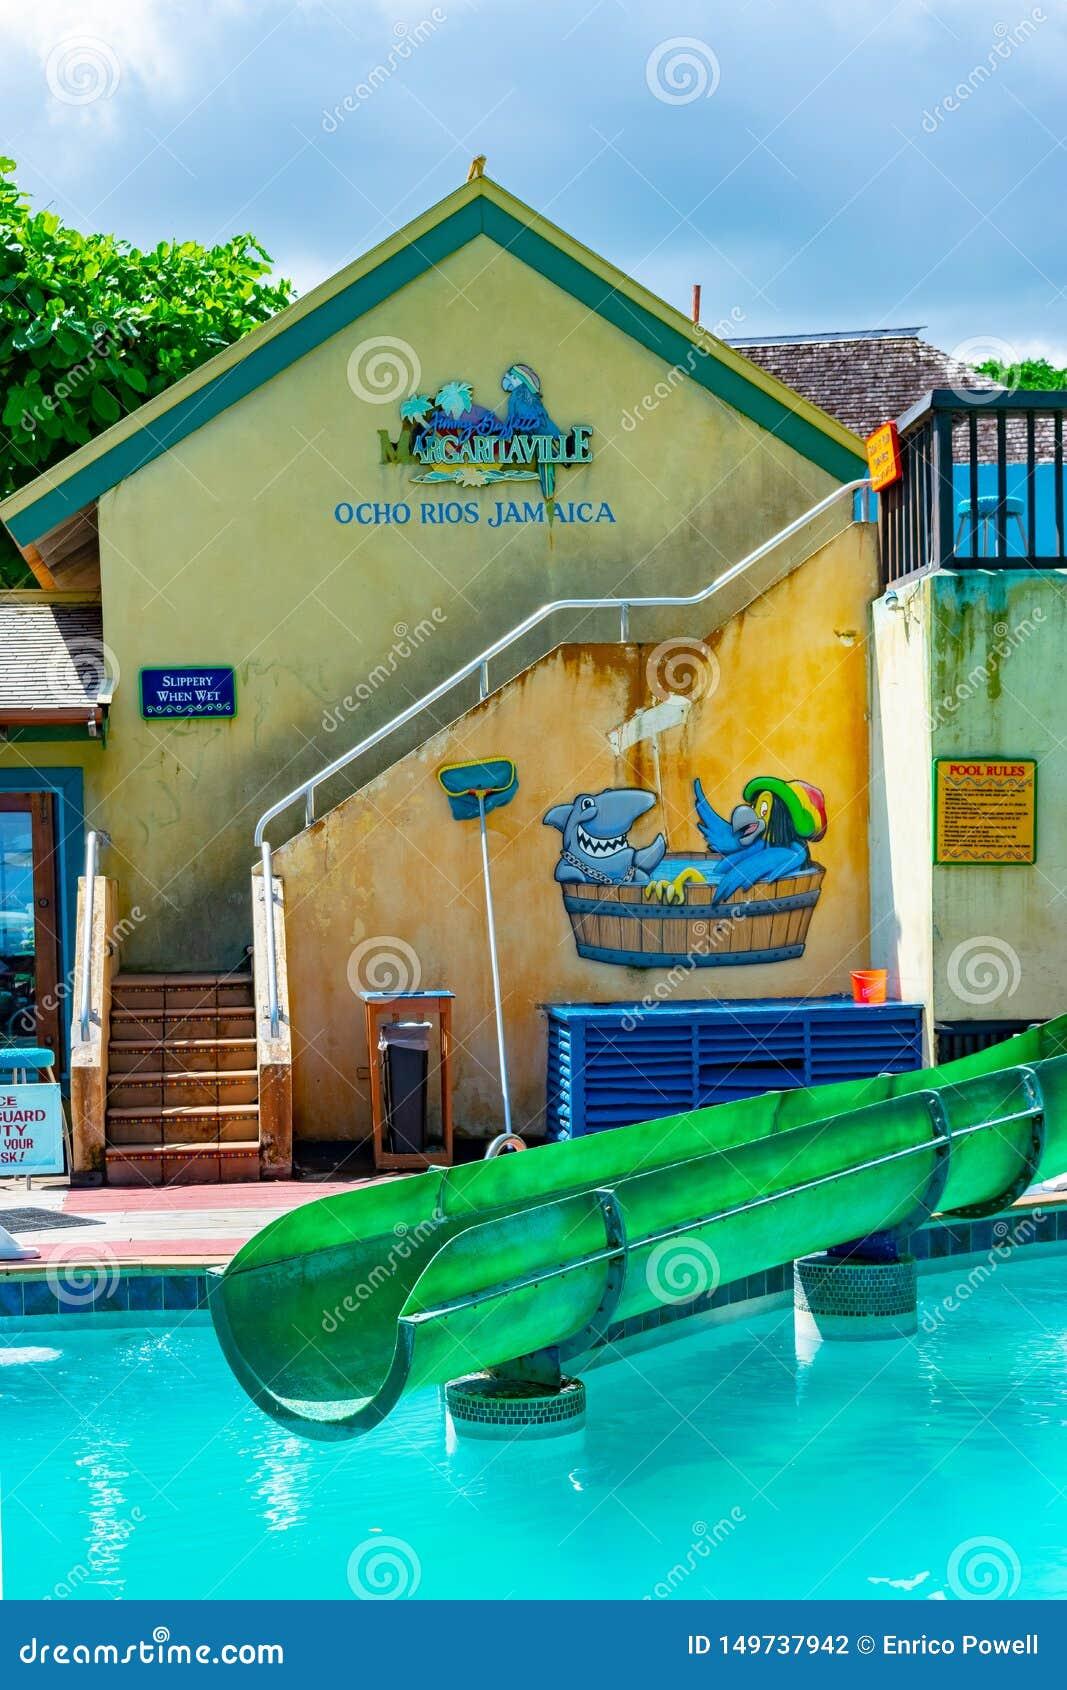 Pöl- och waterslideavsnittet inom Margaritaville Ocho Rio de Janeiro vid stranden nära kryssningen shoppar port i St Ann, Jamaica